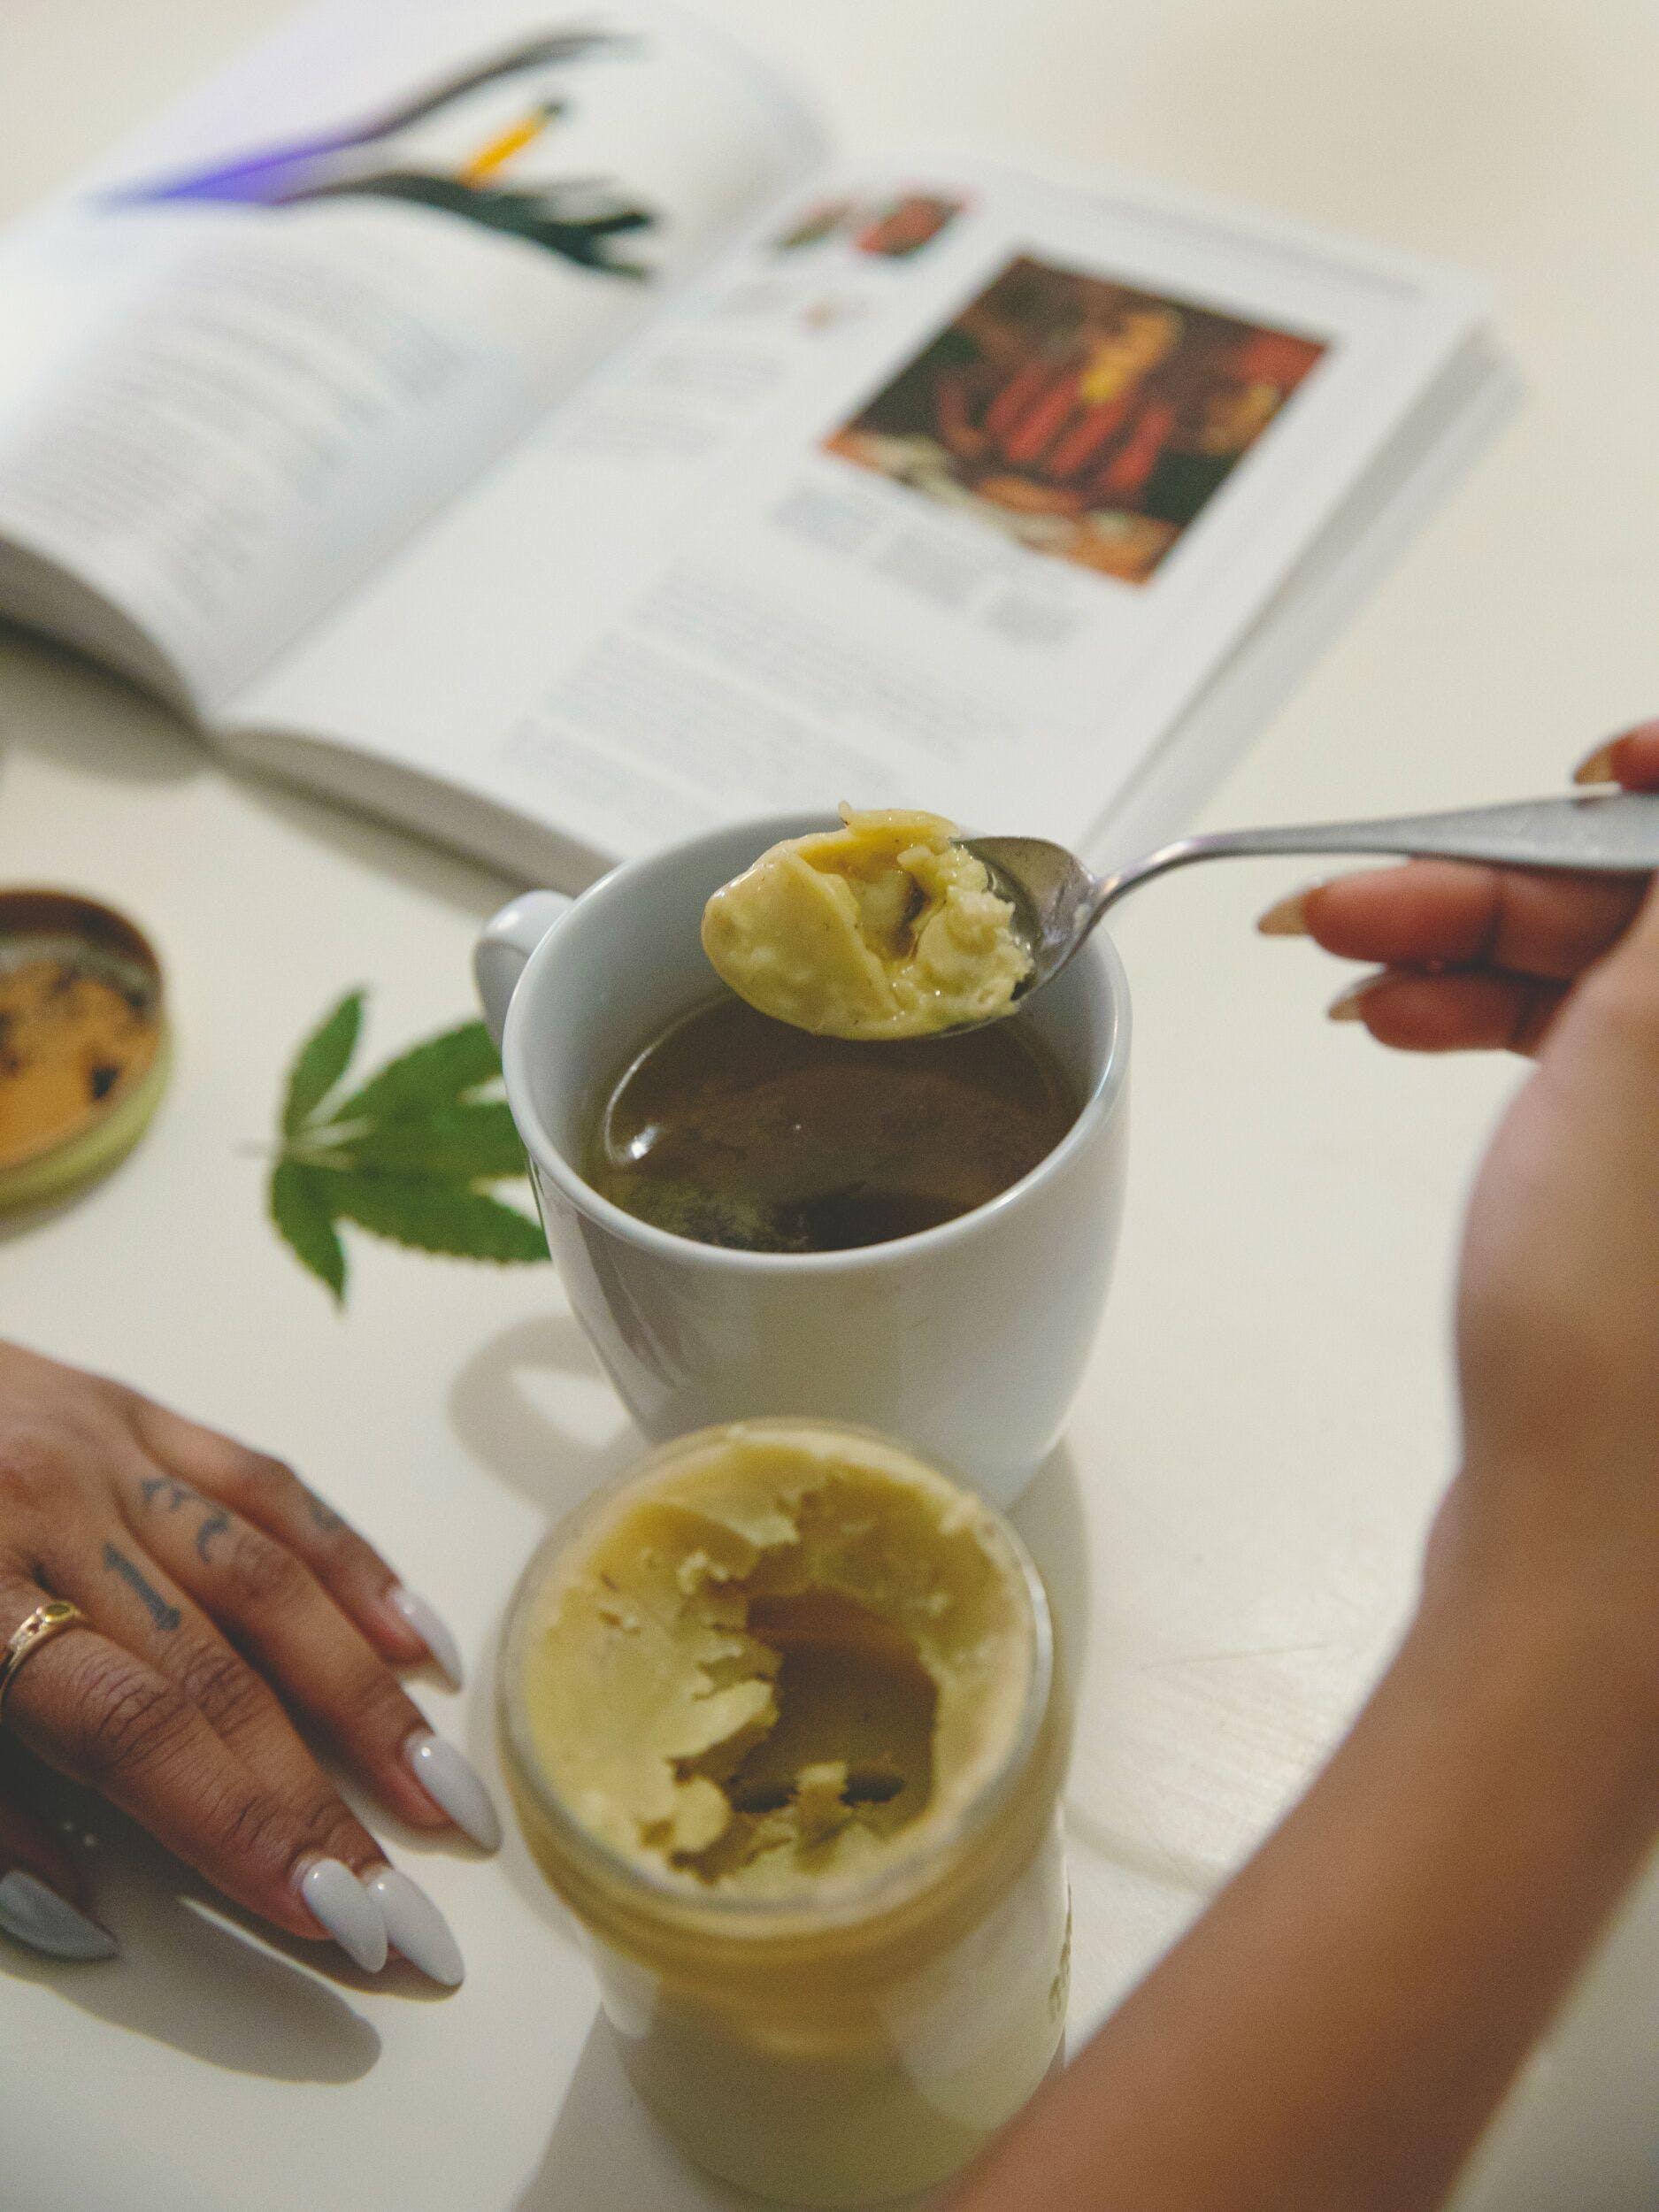 How to make cannabis tea How to Make Weed Tea